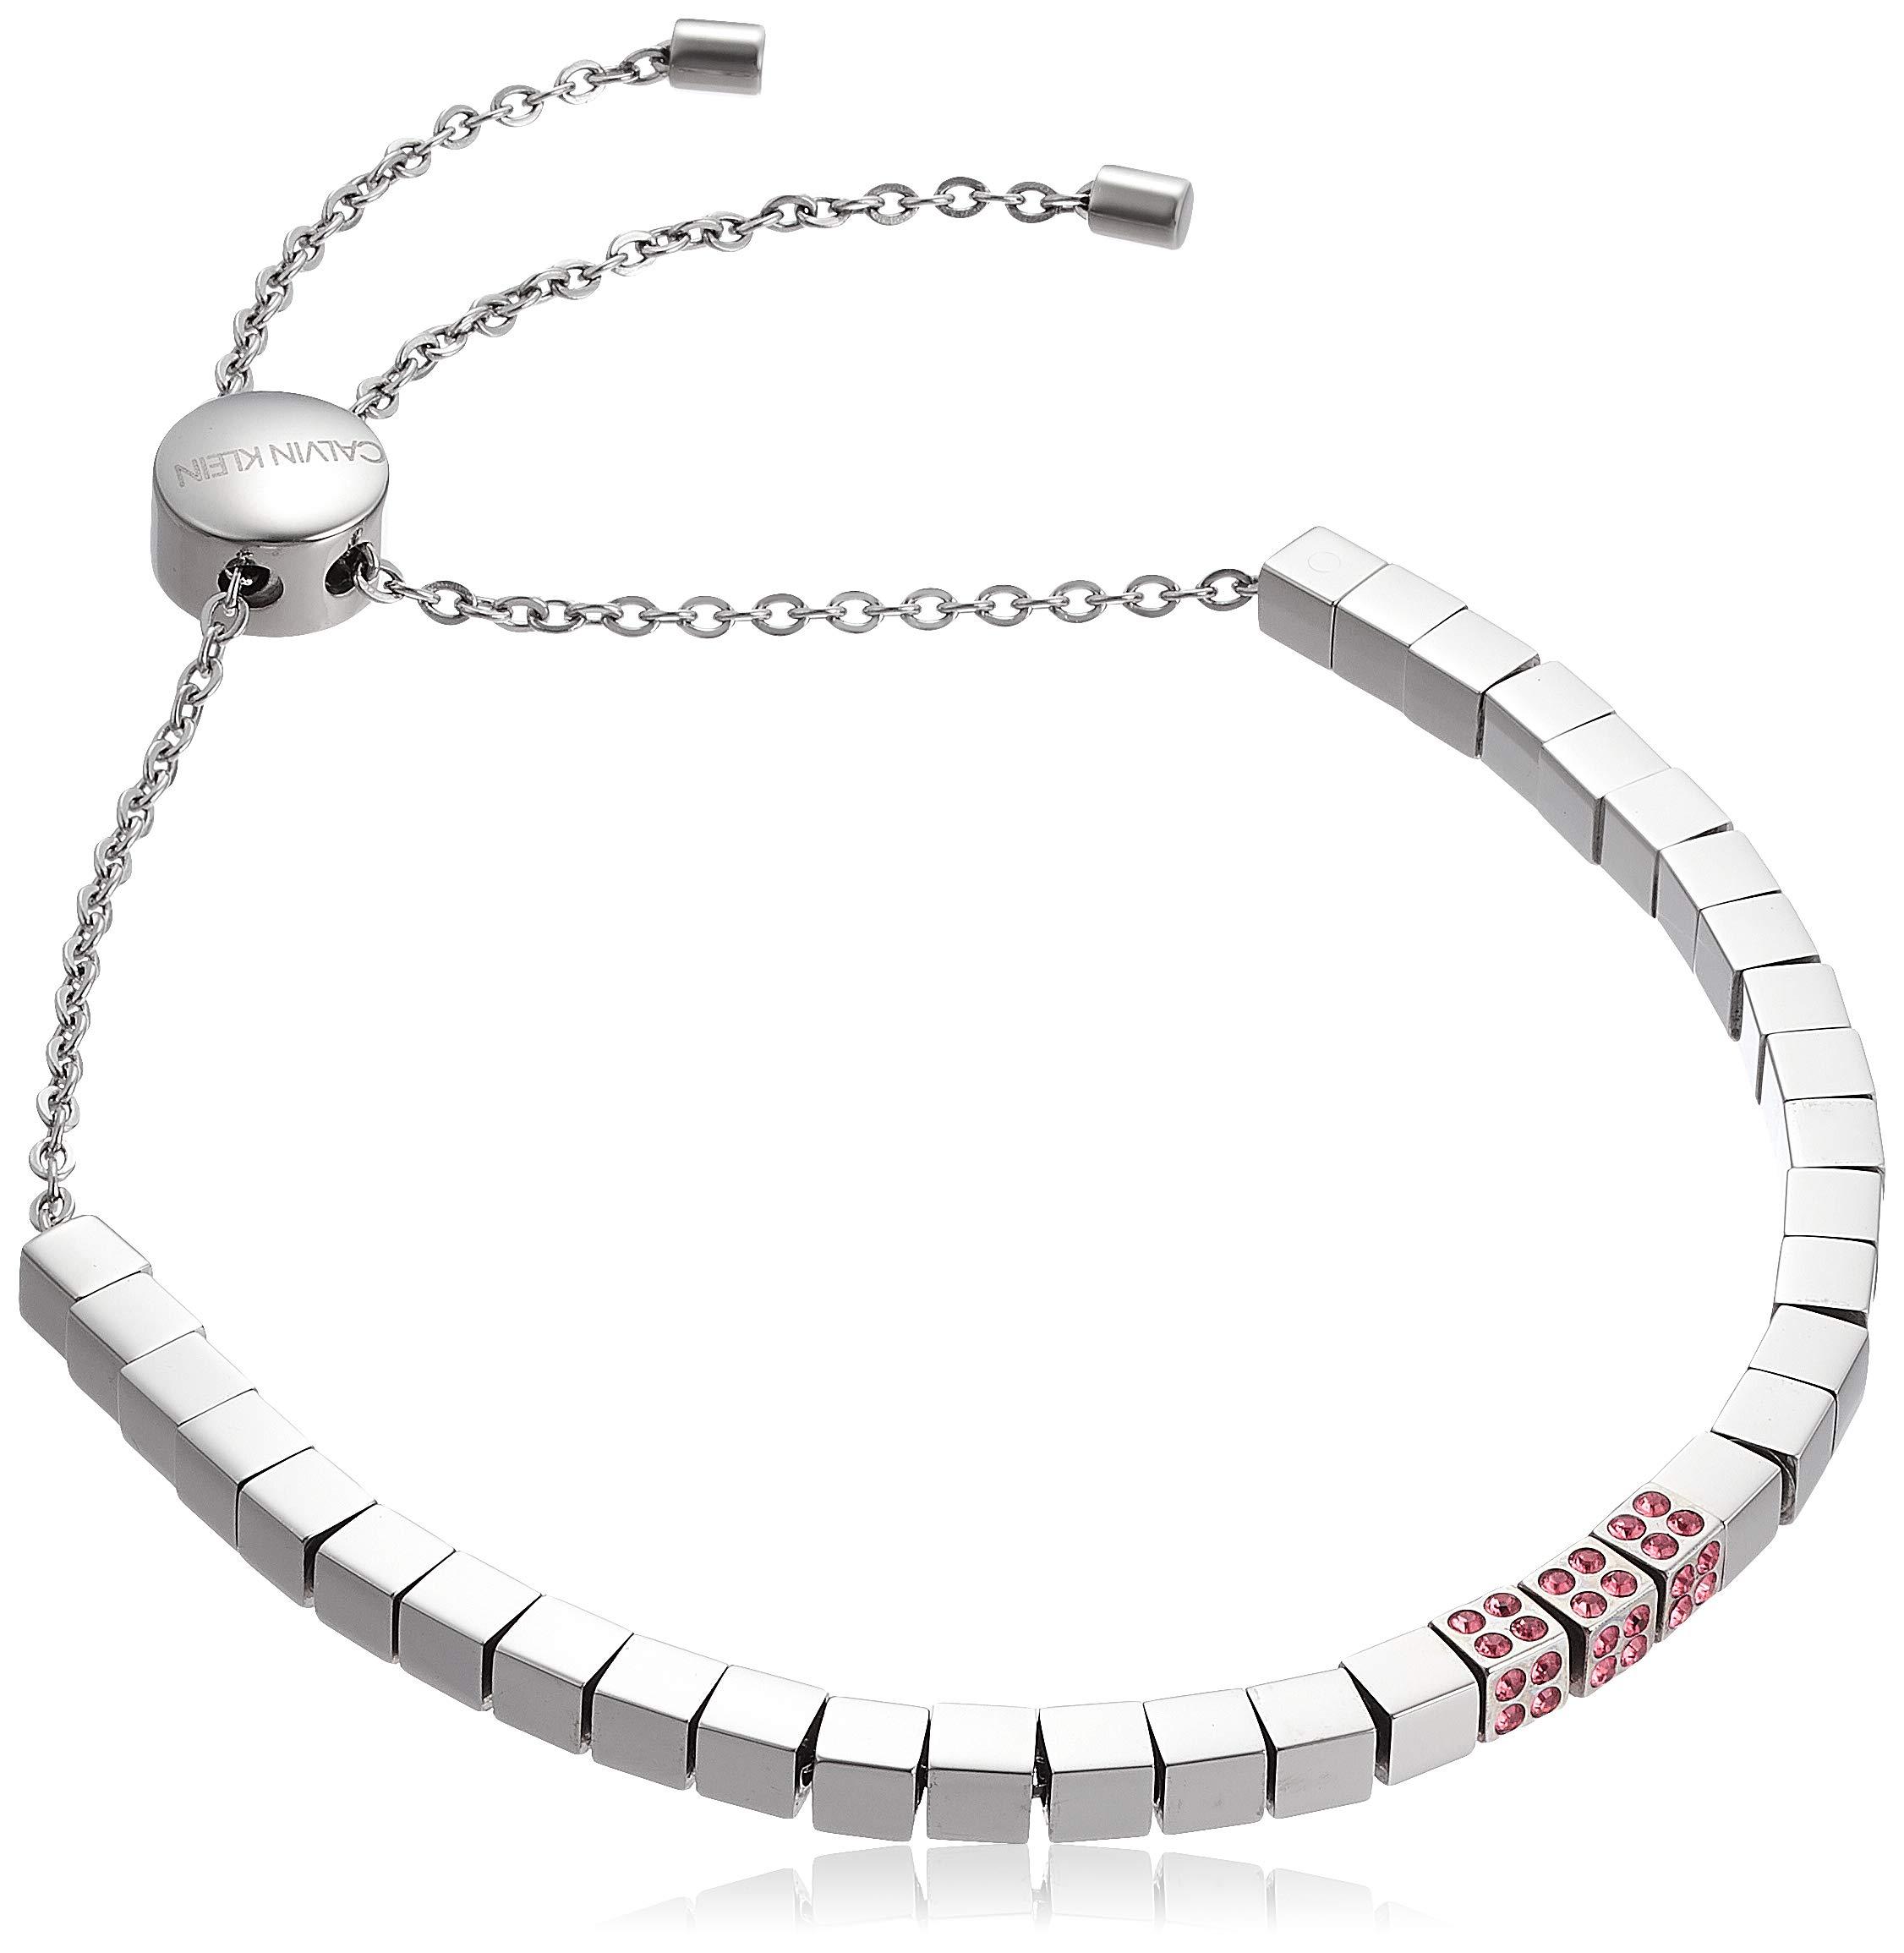 Damen-Armband Edelstahl/Kristall Swarovski Kristalle One Size Silber/rot 32003221